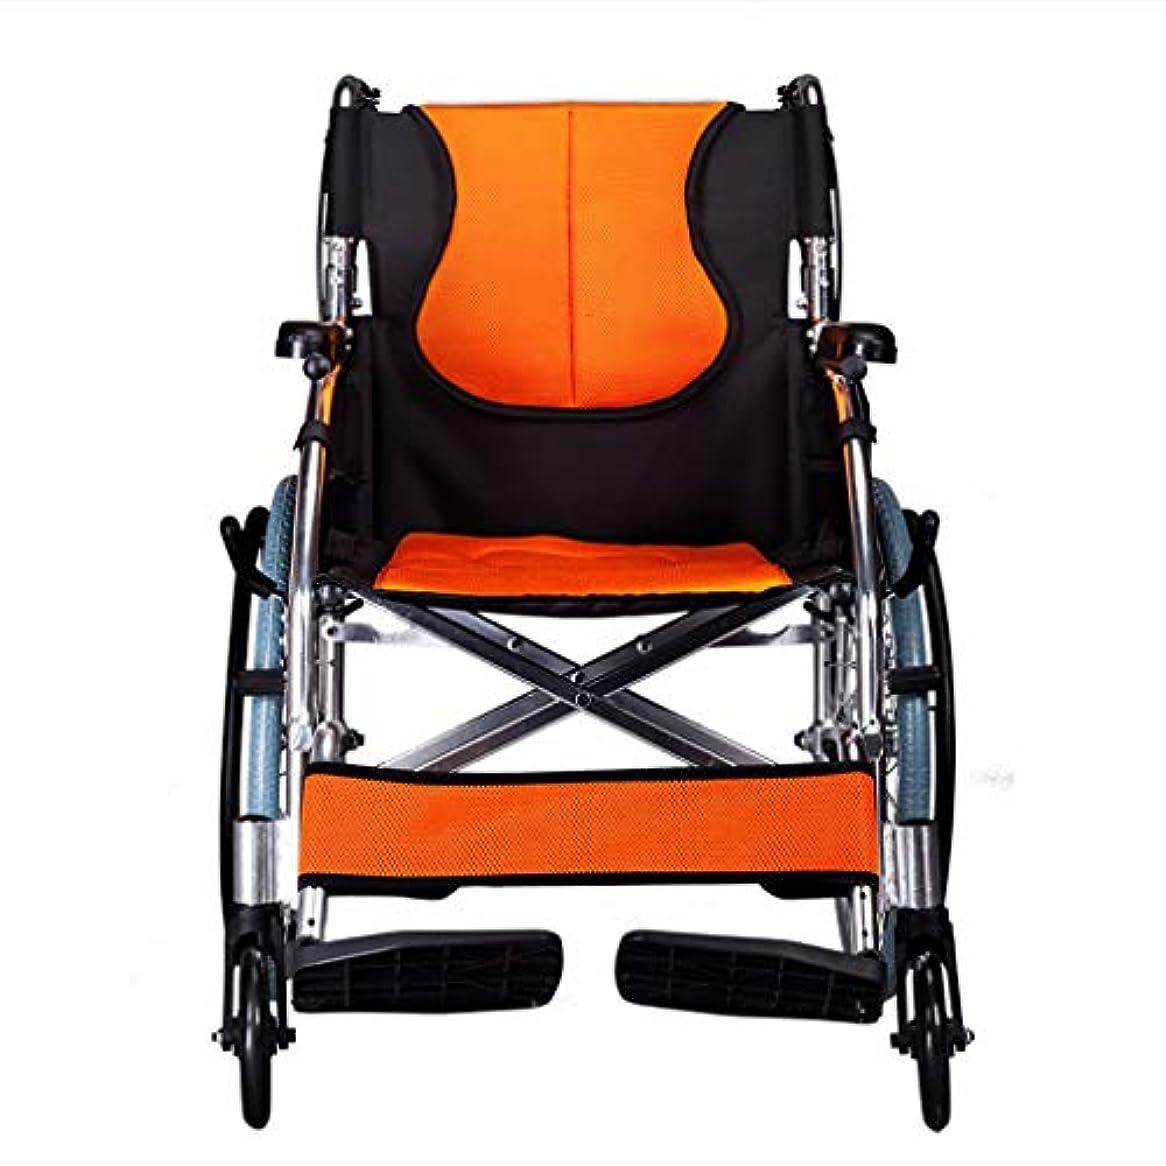 に対処する検索運動する車椅子で折り畳むことができる車椅子、バック収納バッグのデザイン、屋外旅行多機能ハンドプッシュ折りたたみ車椅子